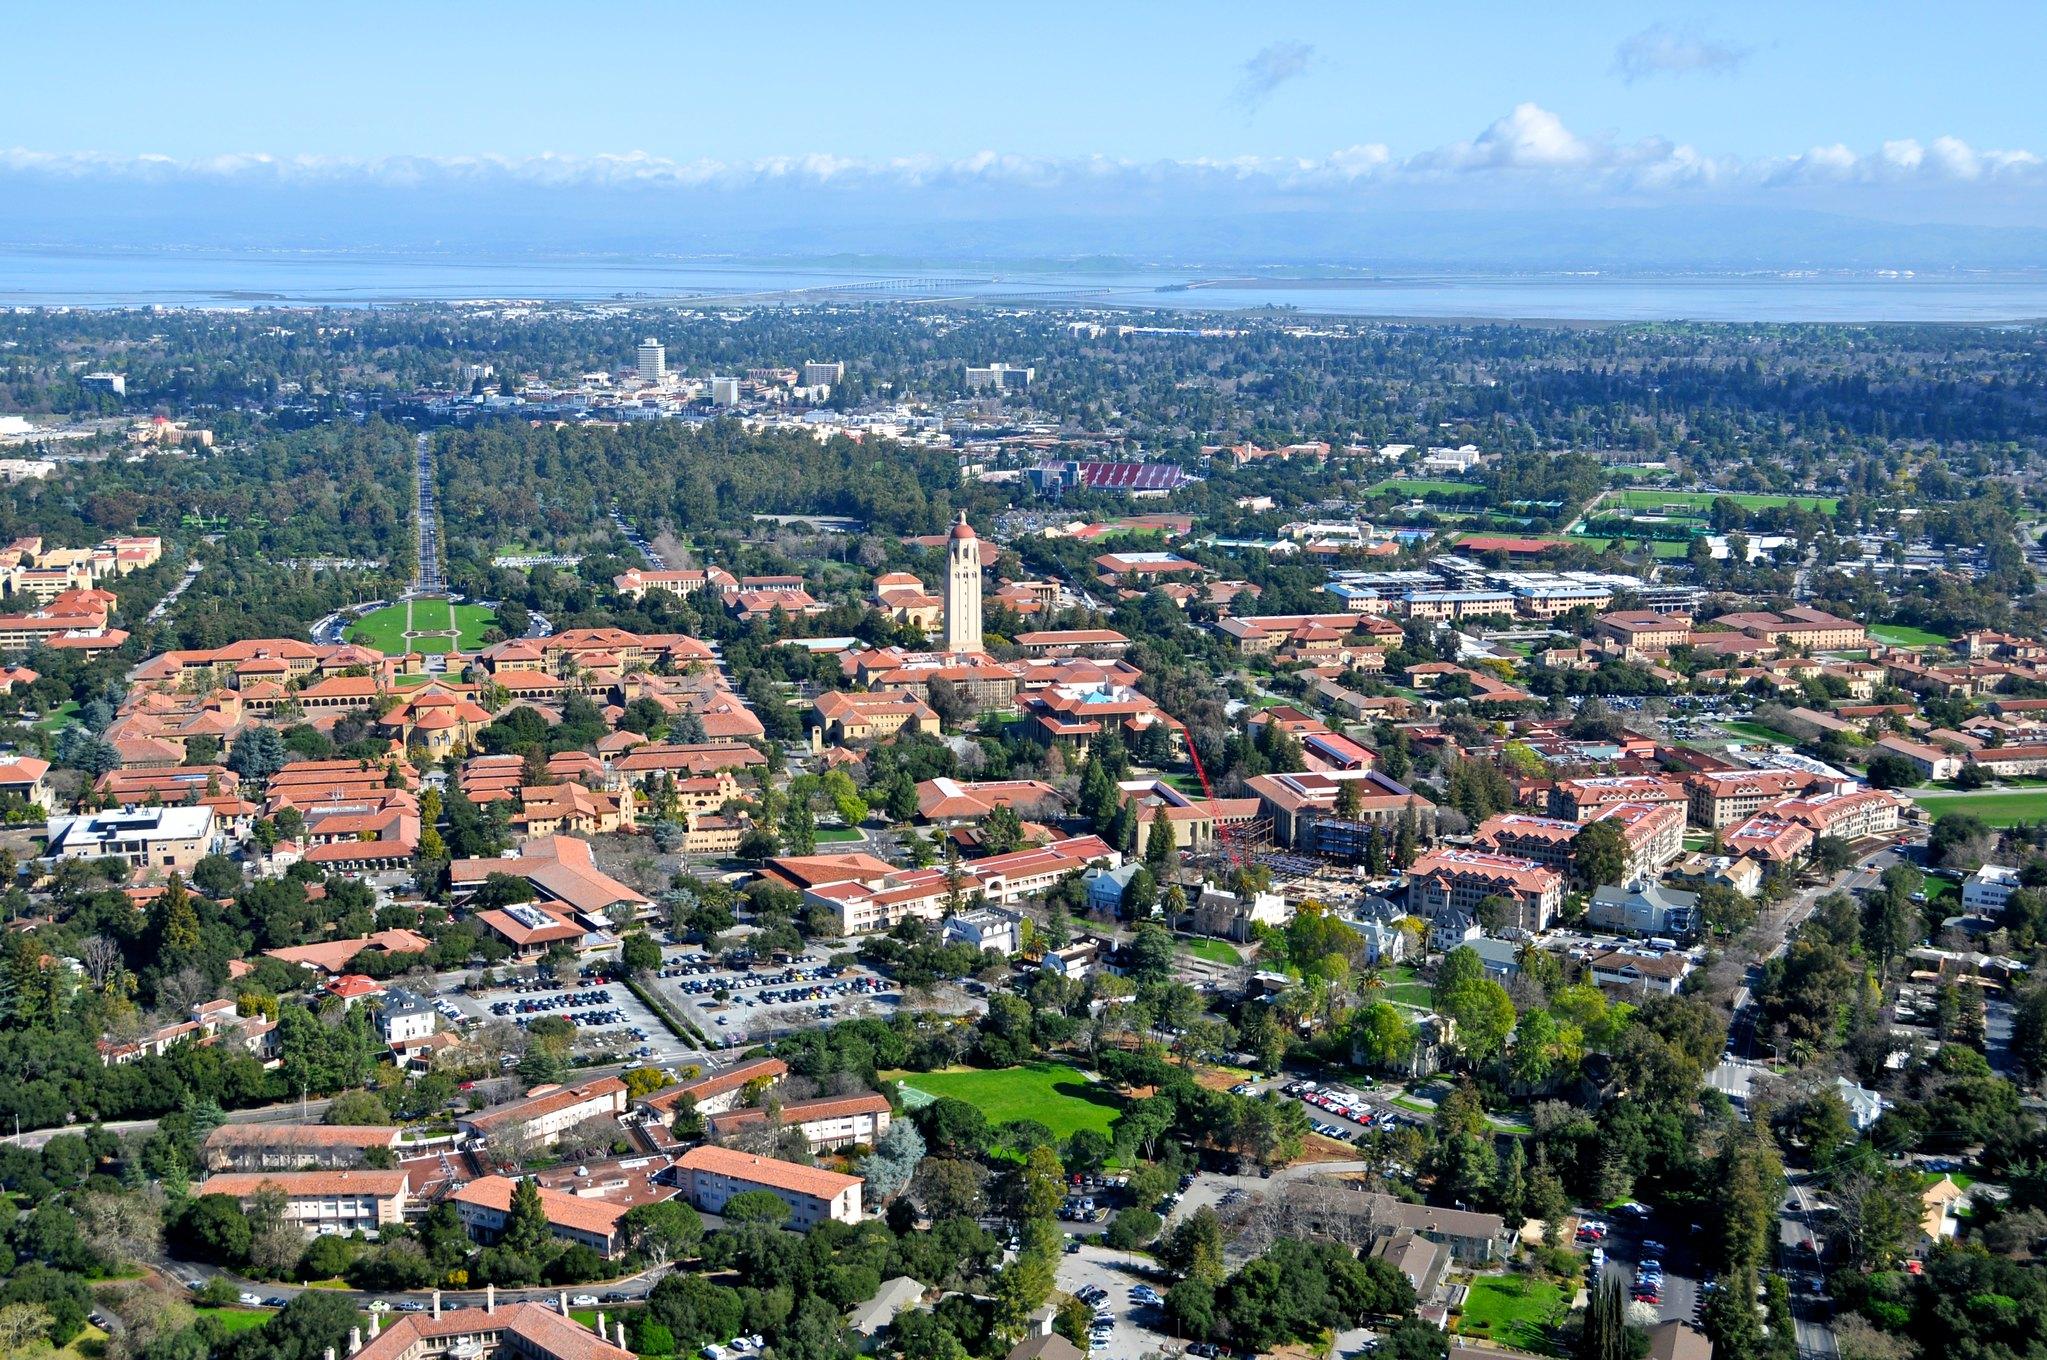 Aerial view of Los Altos Hills.